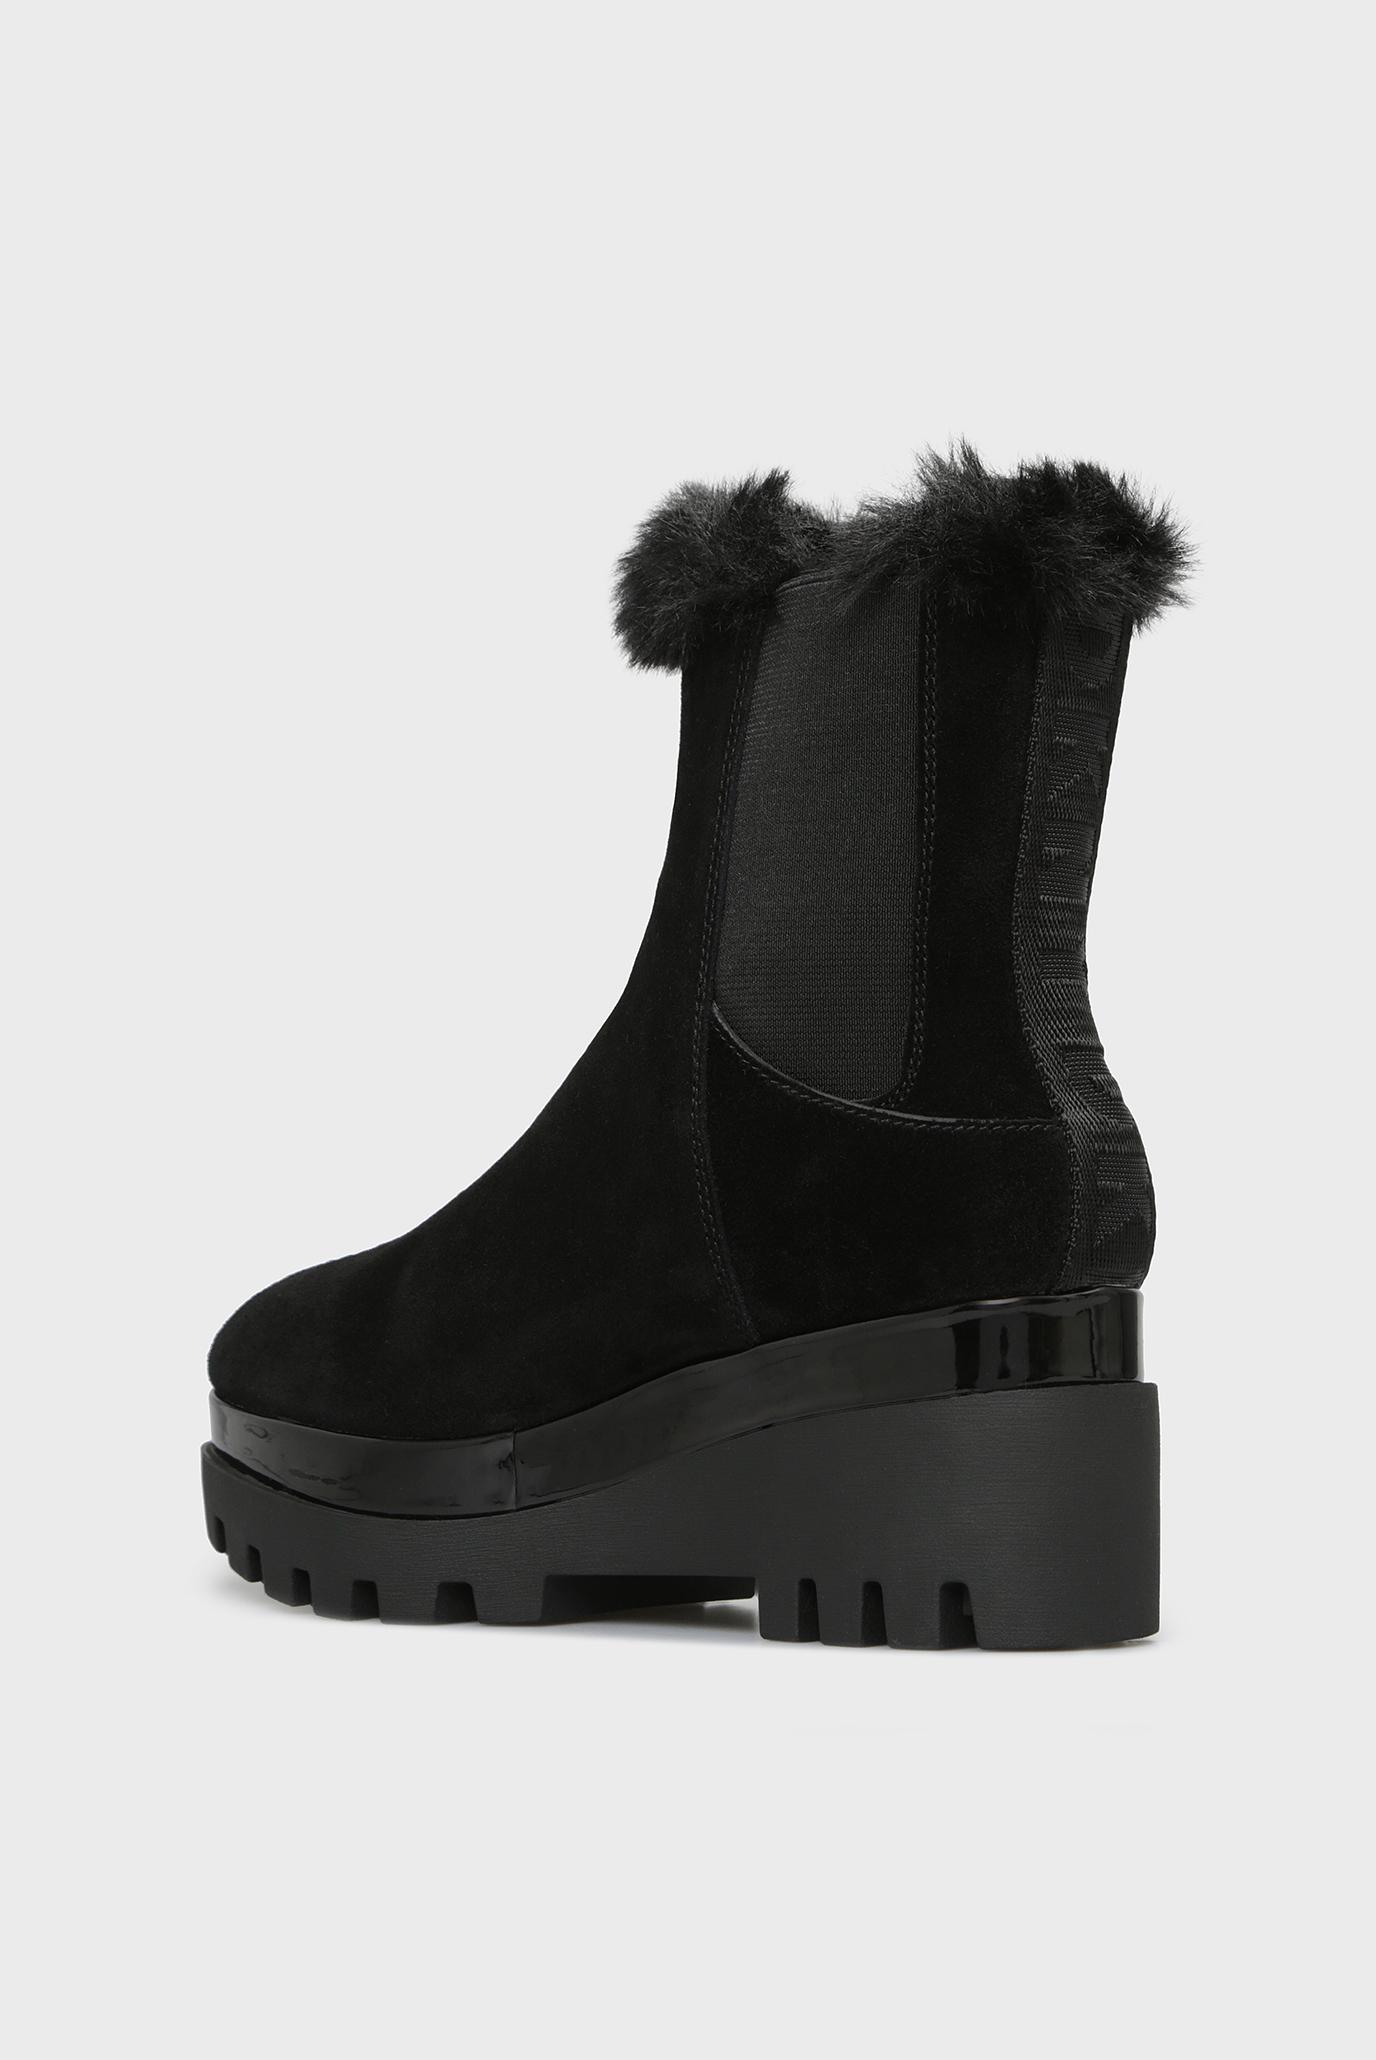 Купить Женские черные замшевые ботинки BAX DKNY DKNY K3855625 – Киев, Украина. Цены в интернет магазине MD Fashion